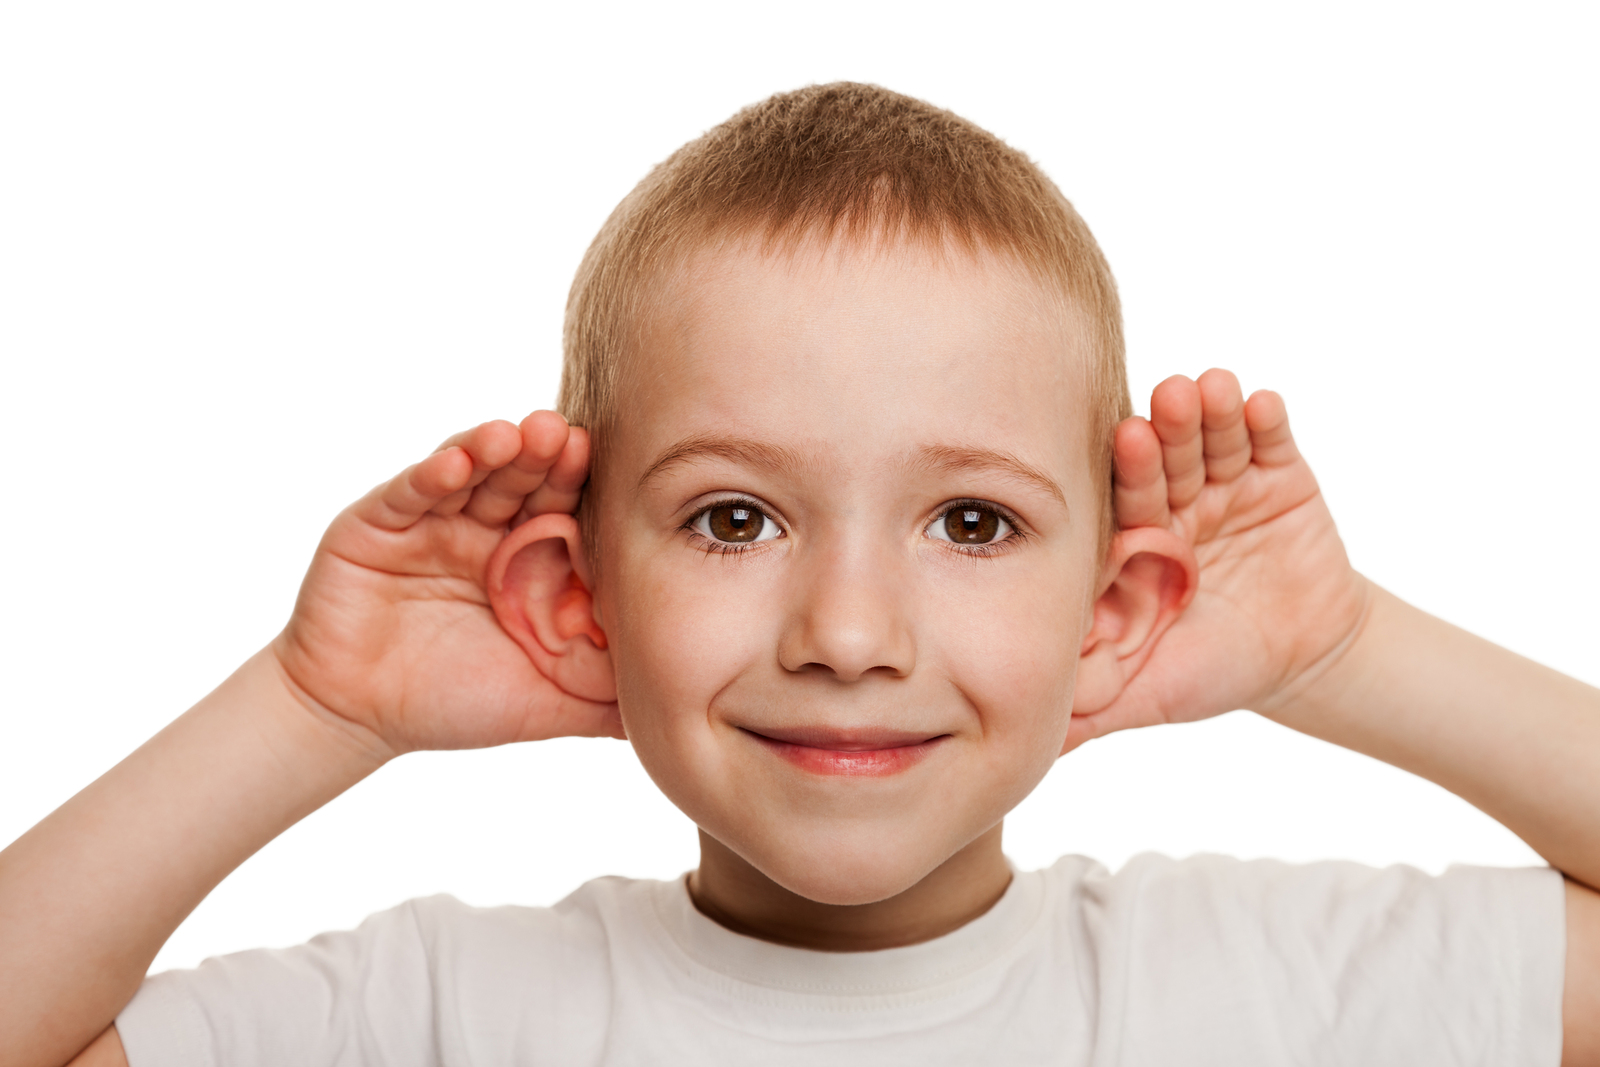 aprender-a-escuchar-a-los-demas